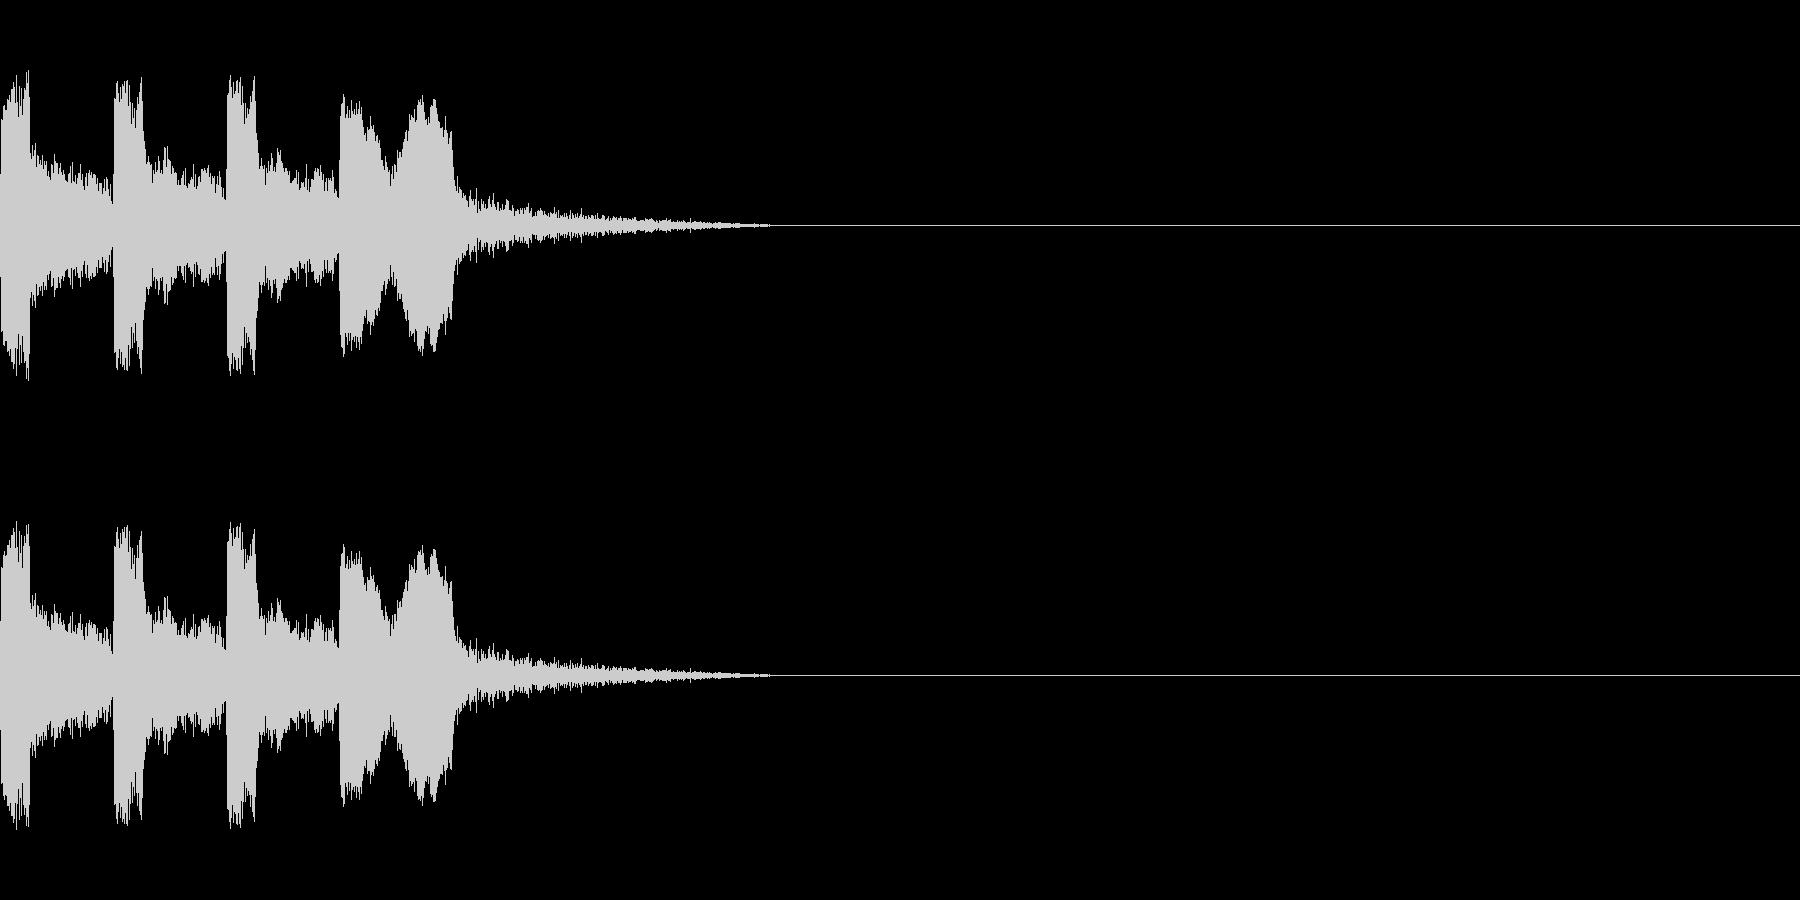 カウントダウン&スタート!(ラジオ風)の未再生の波形